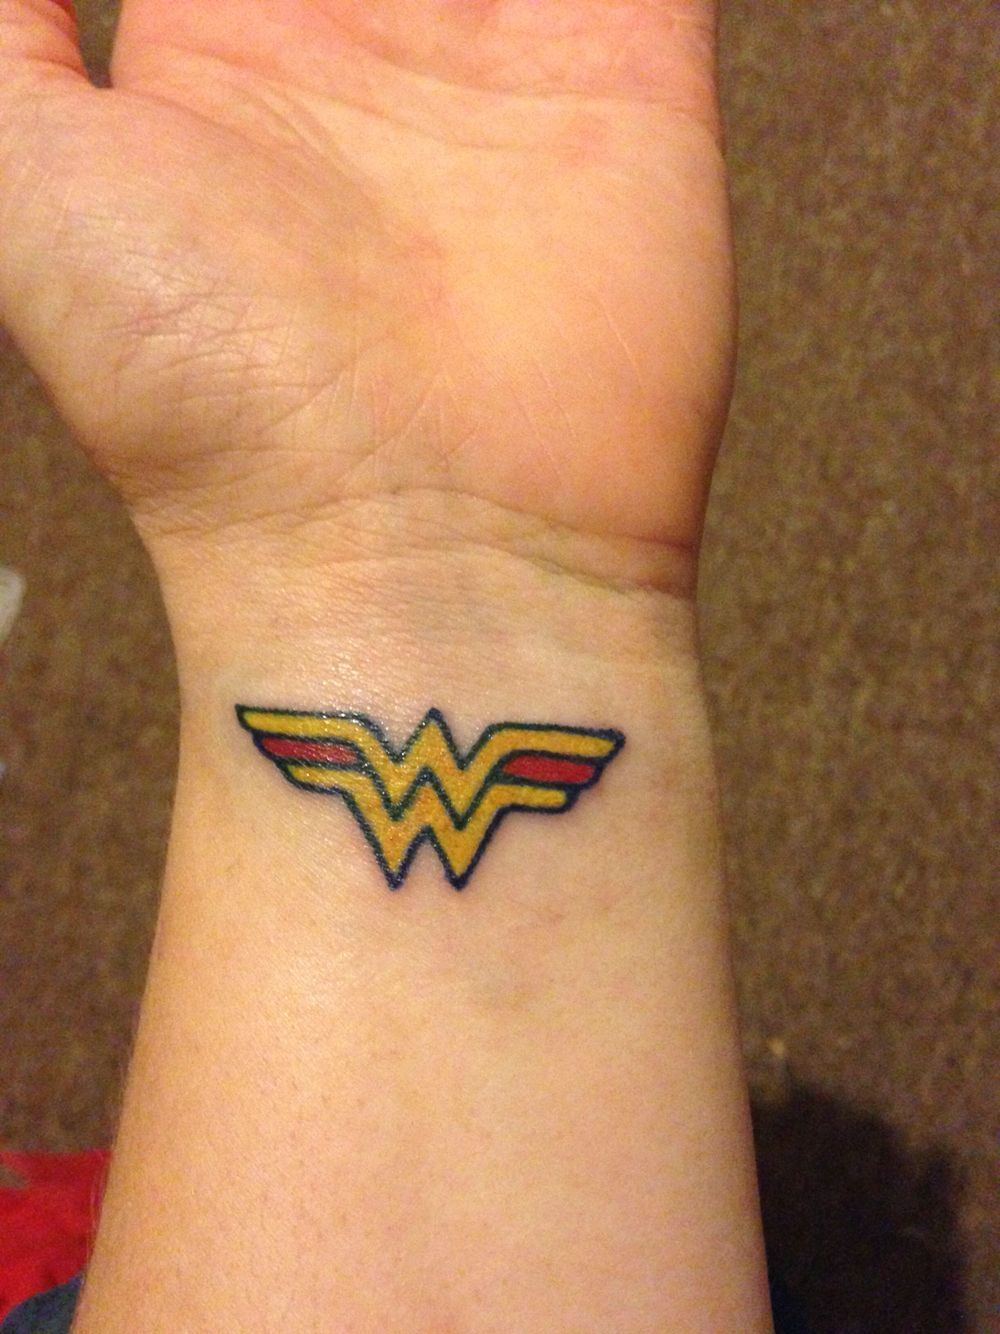 Wonder woman tattoo tattoos pinterest wonder woman tattoo wonder woman tattoo biocorpaavc Gallery